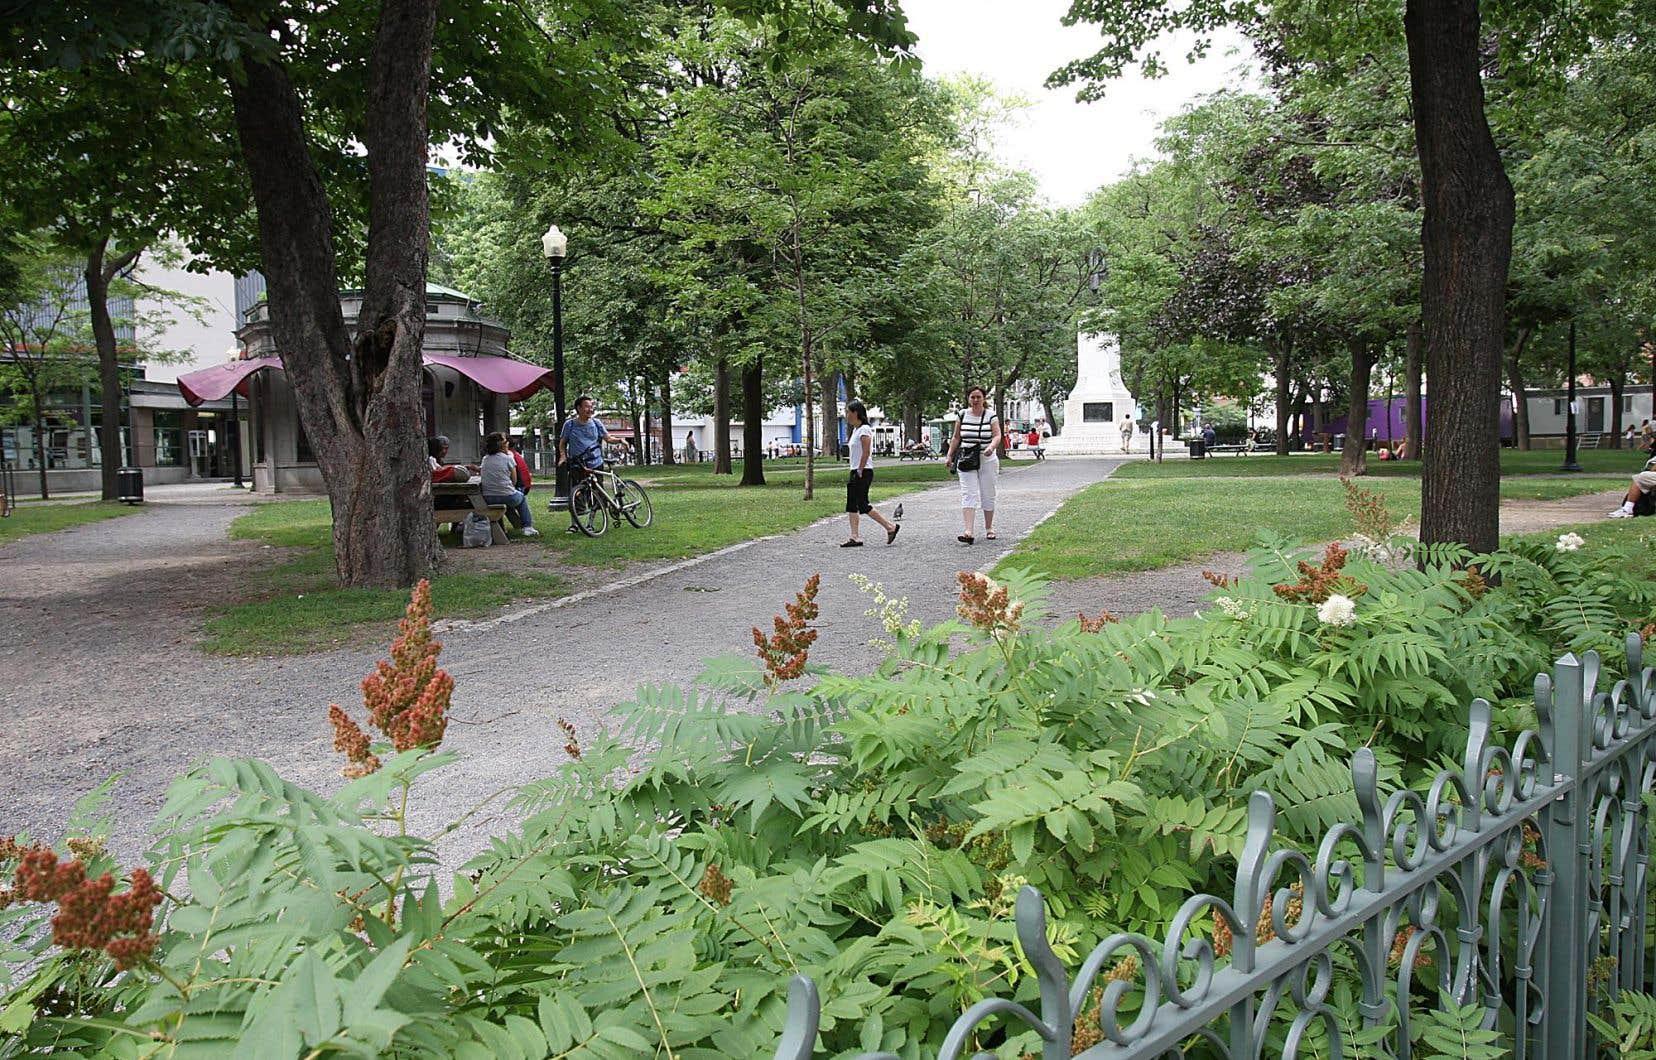 Le square Cabot est un lieu de rassemblement bien connu de la population autochtone itinérante à Montréal.